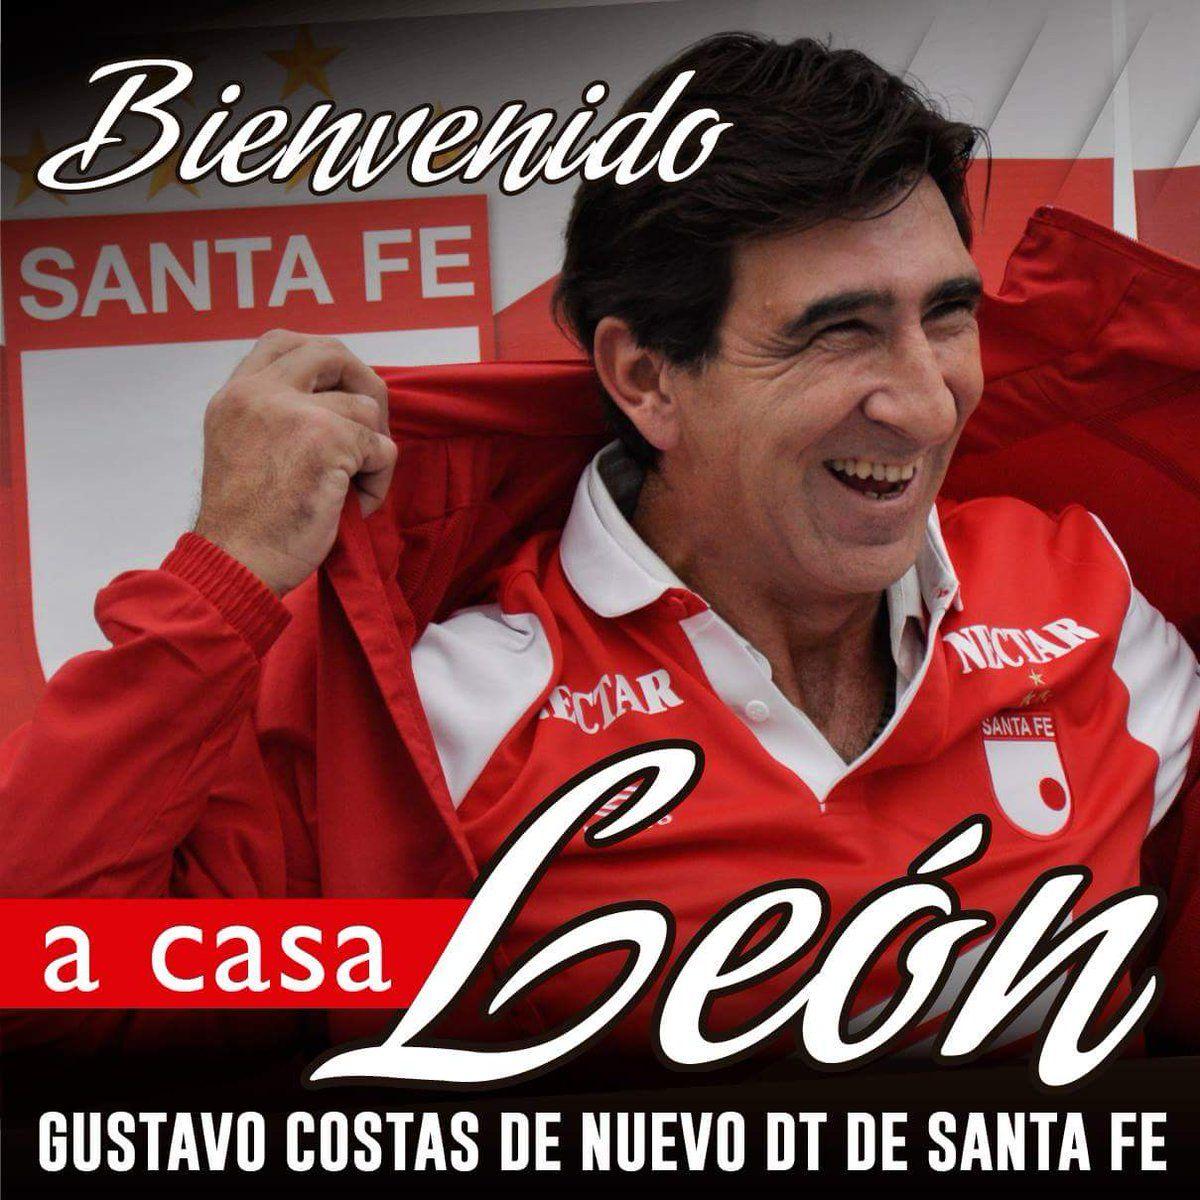 RT @SantaFe: ¡Gustavo Costas es de nuevo DT de Santa Fe, llega este domingo al país y el lunes estará al frente del equipo! https://t.co/GMQLx6ng7I